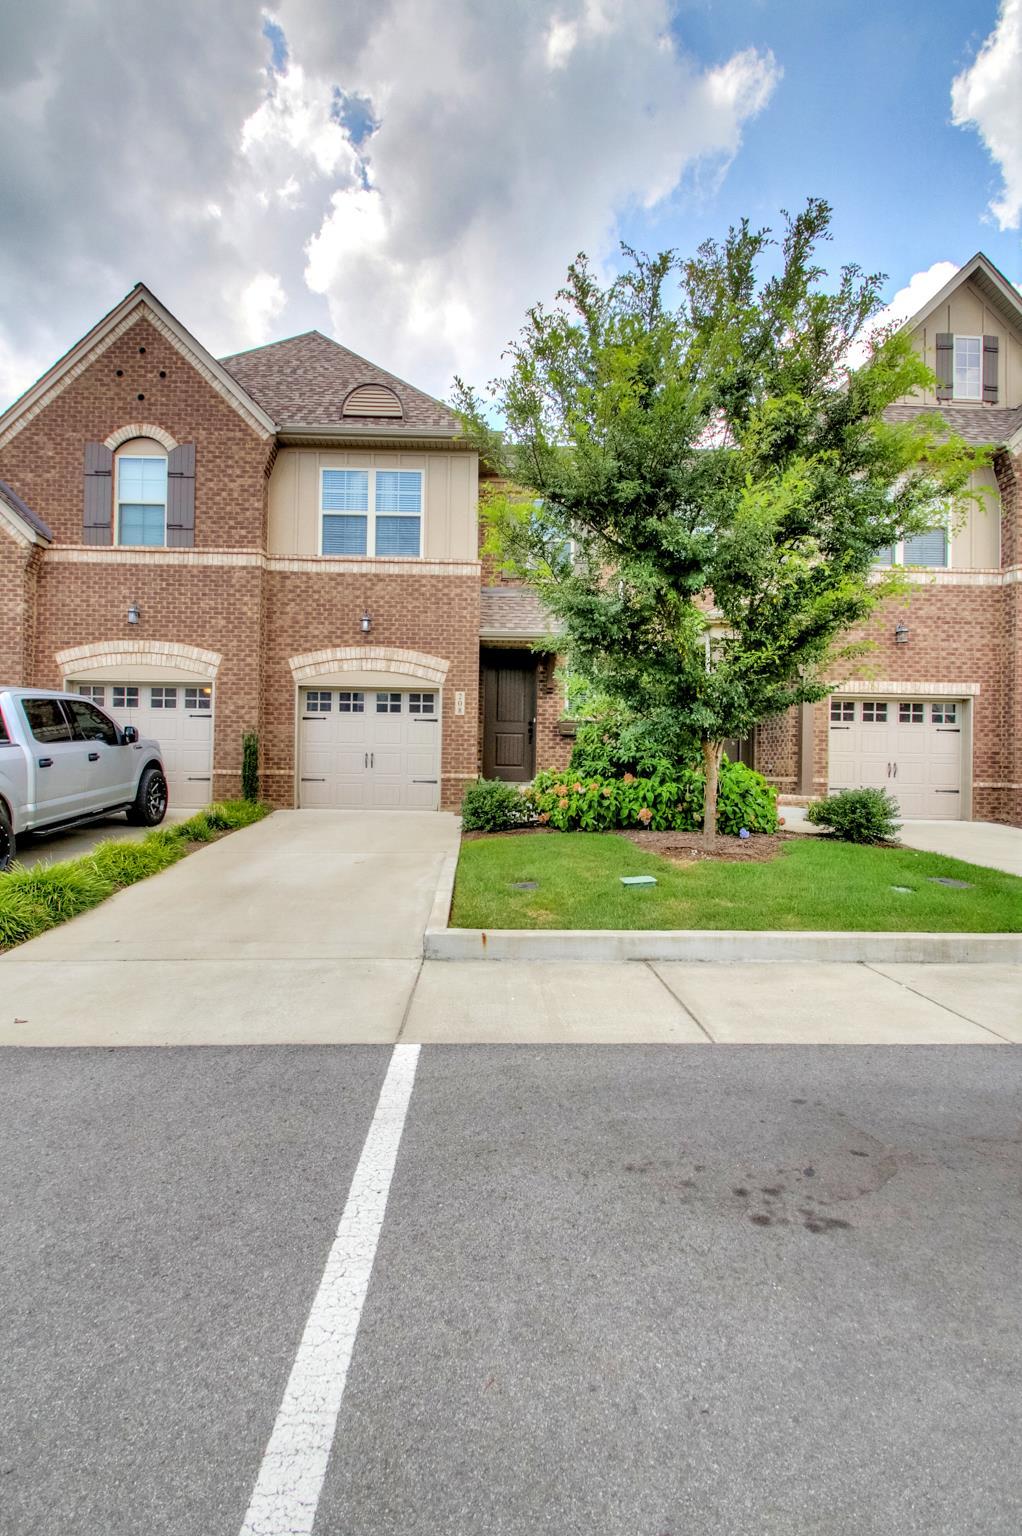 208 Bixby Lane Pvt 53, Hendersonville, TN 37075 - Hendersonville, TN real estate listing